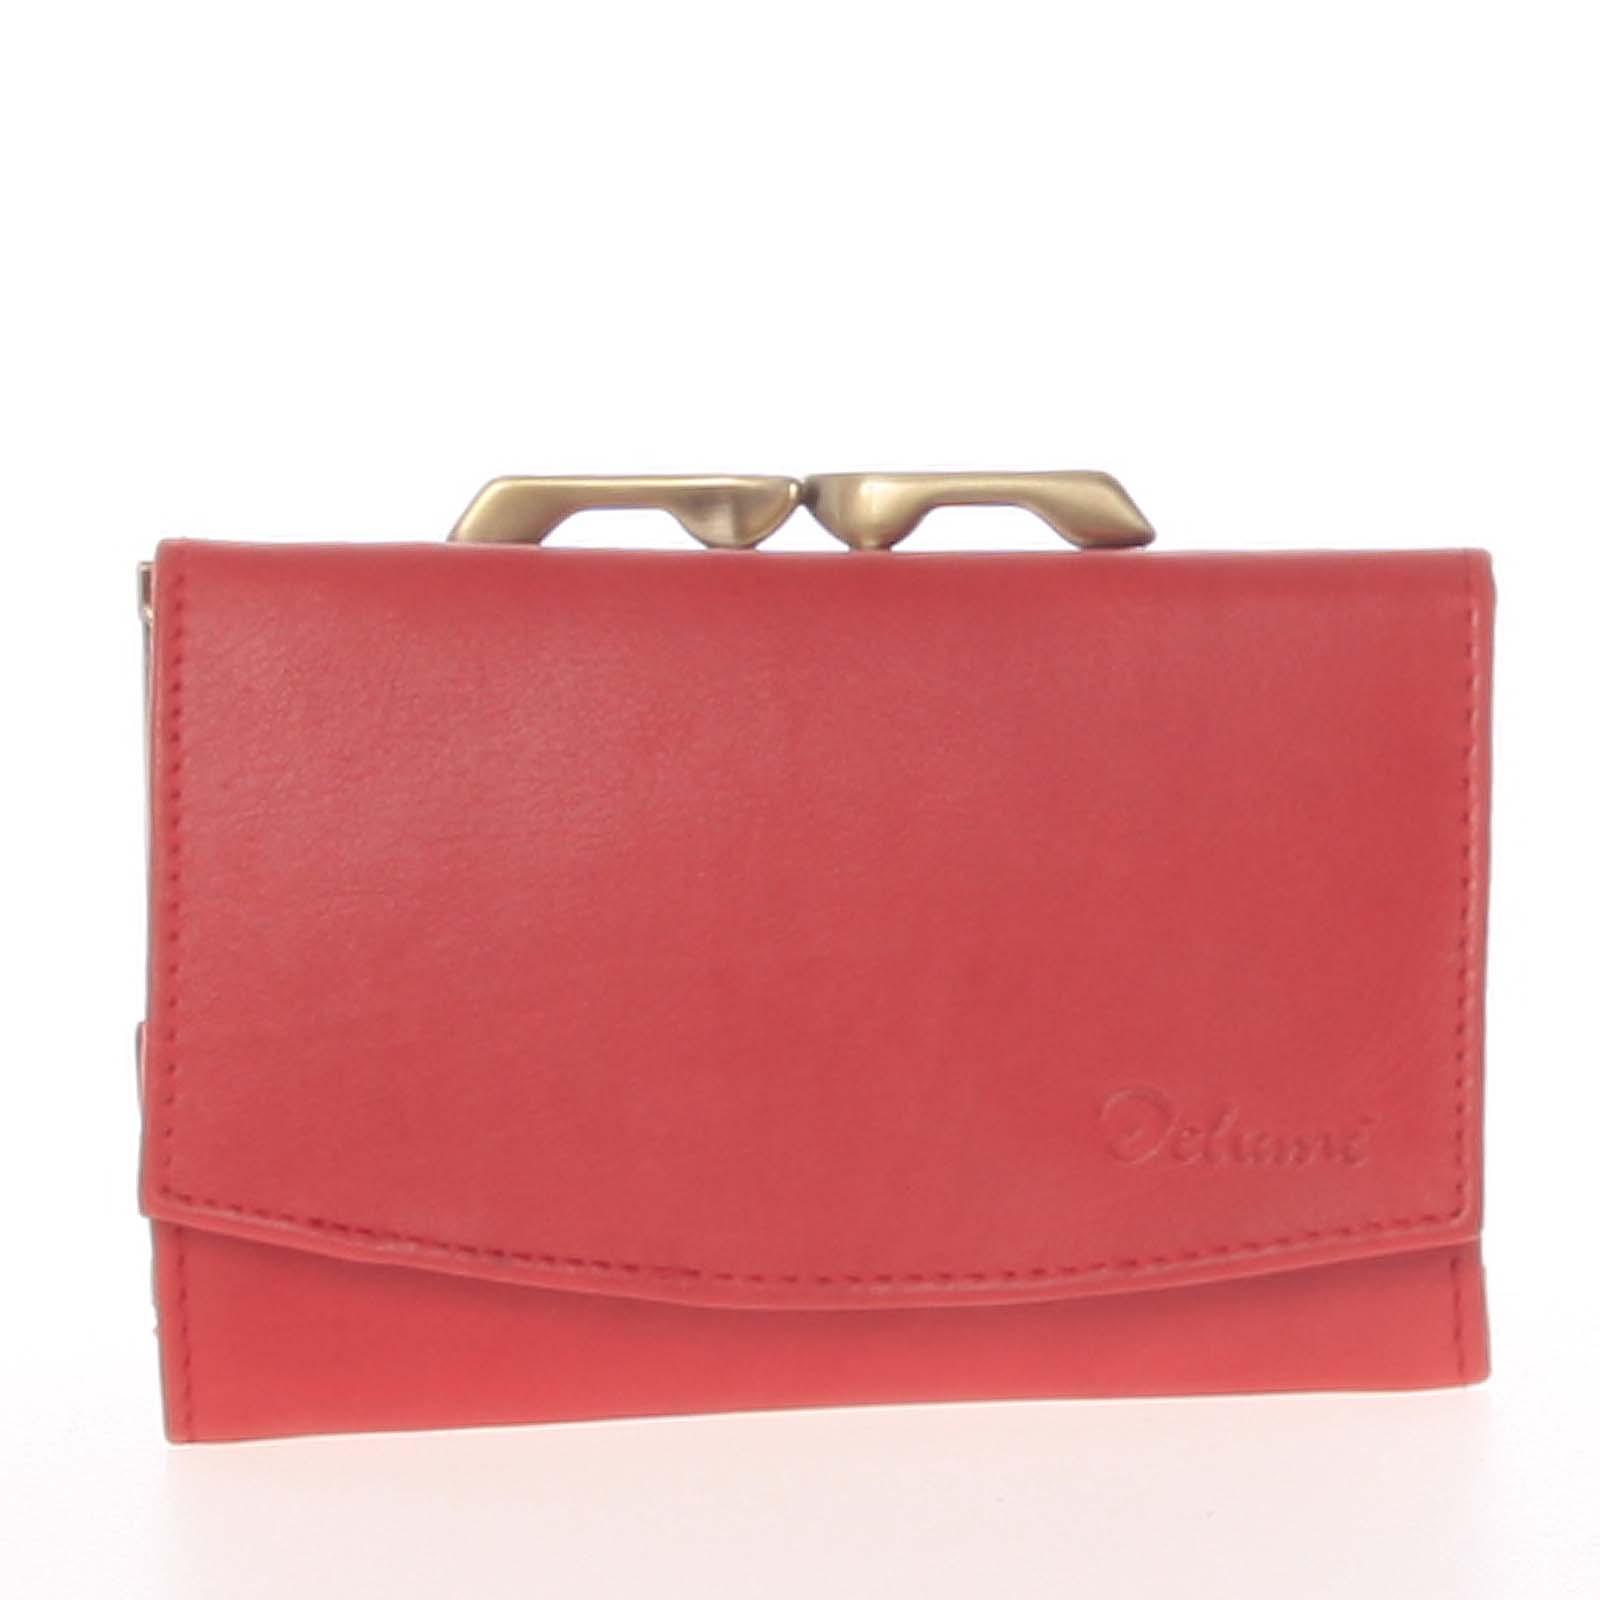 Stylová červená dámská peněženka - Delami